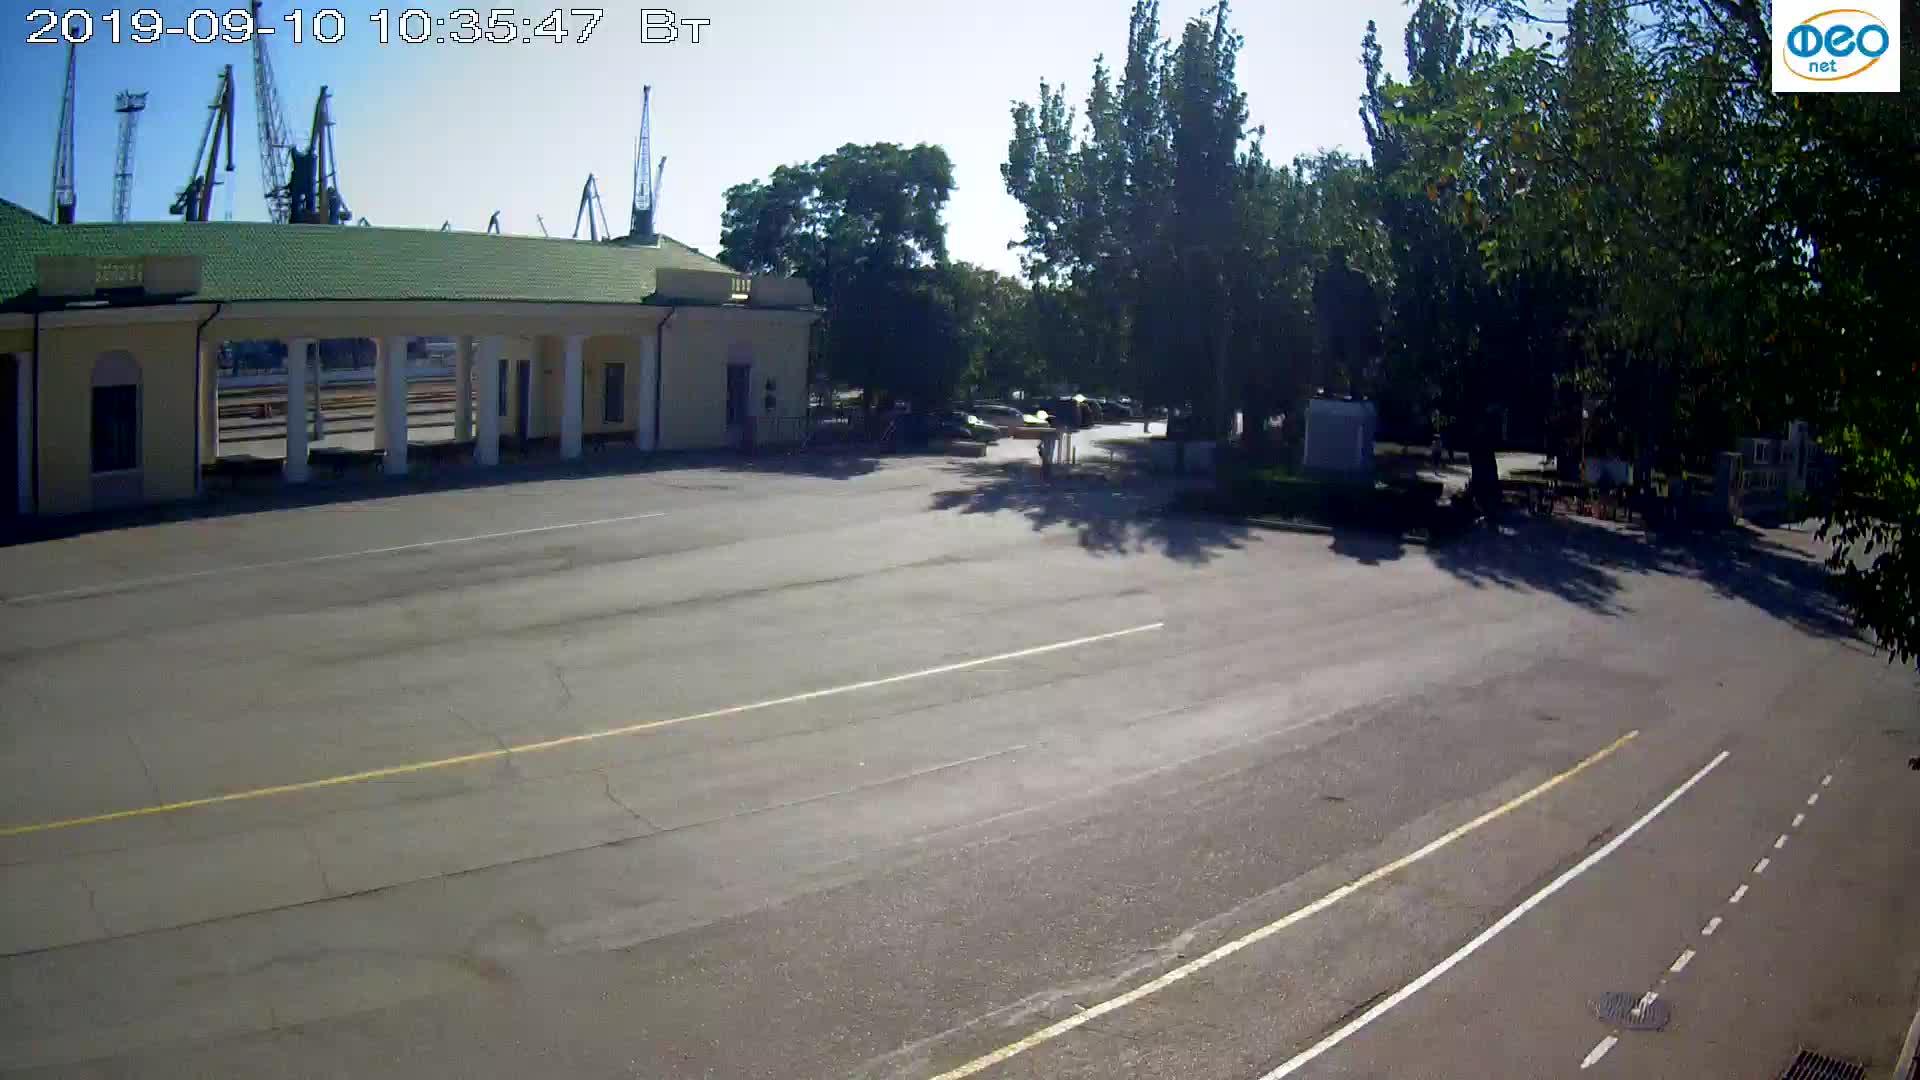 Веб-камеры Феодосии, Привокзальная площадь 2, 2019-09-10 10:23:11